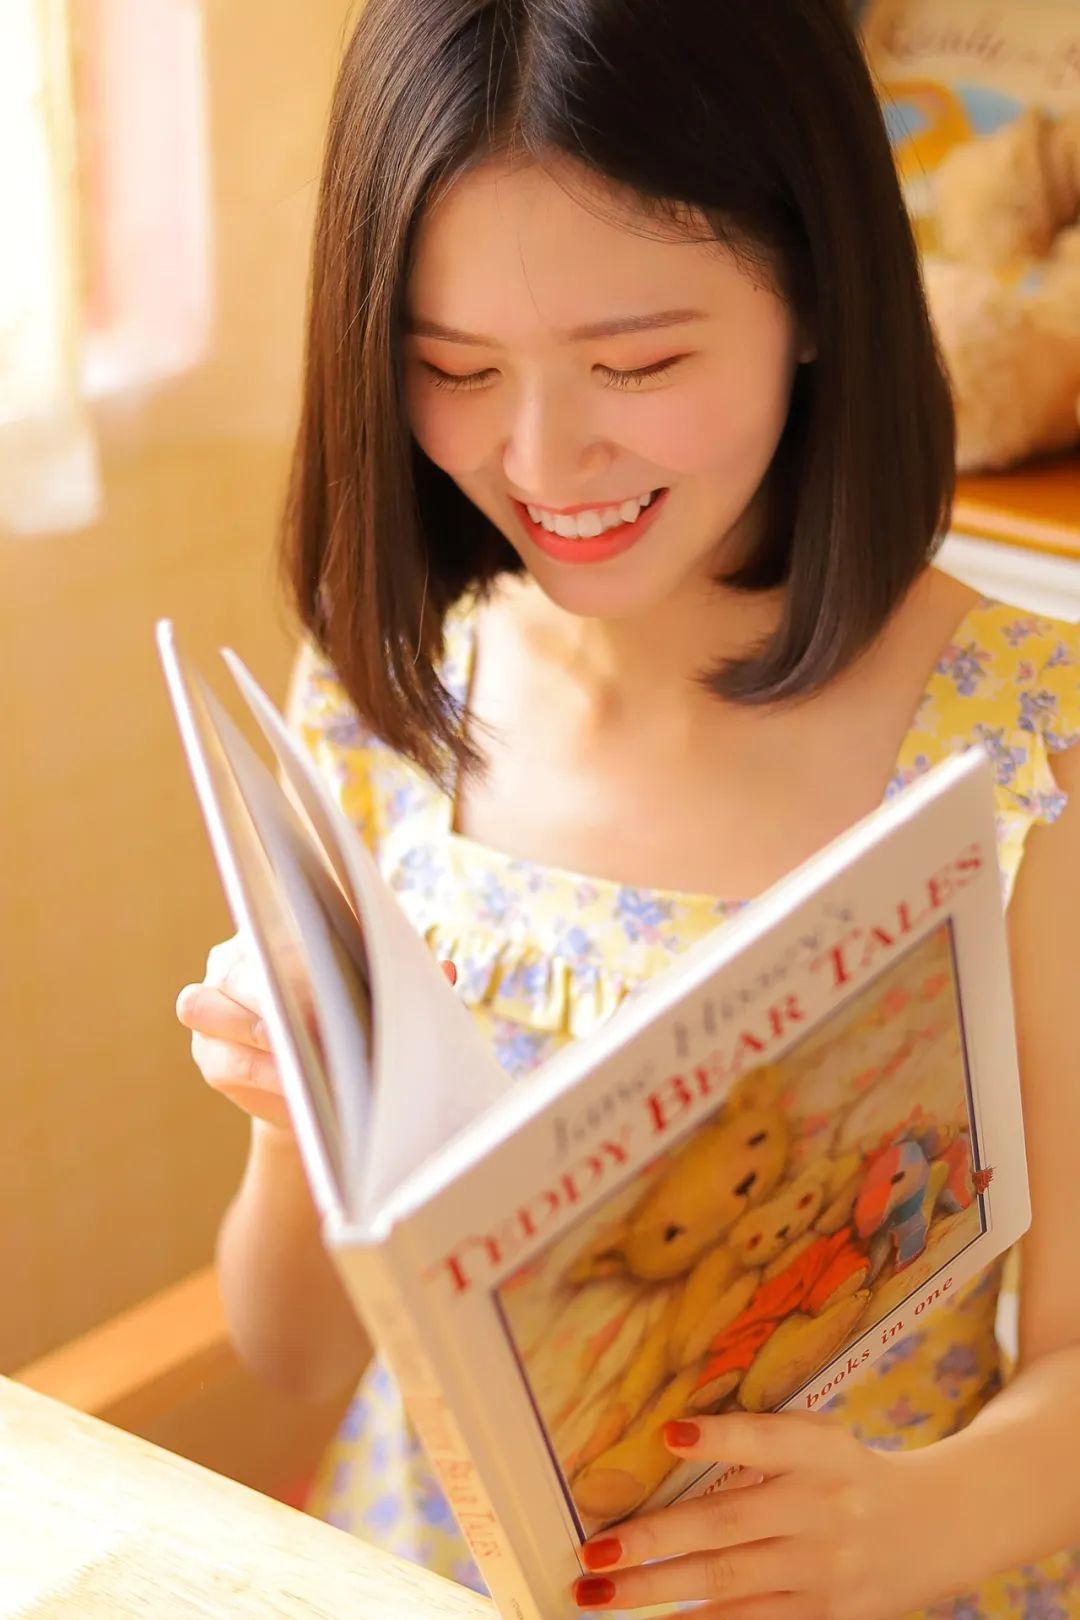 妹子摄影 – 笑起来真好看的连衣裙虎牙妹妹_图片 No.6